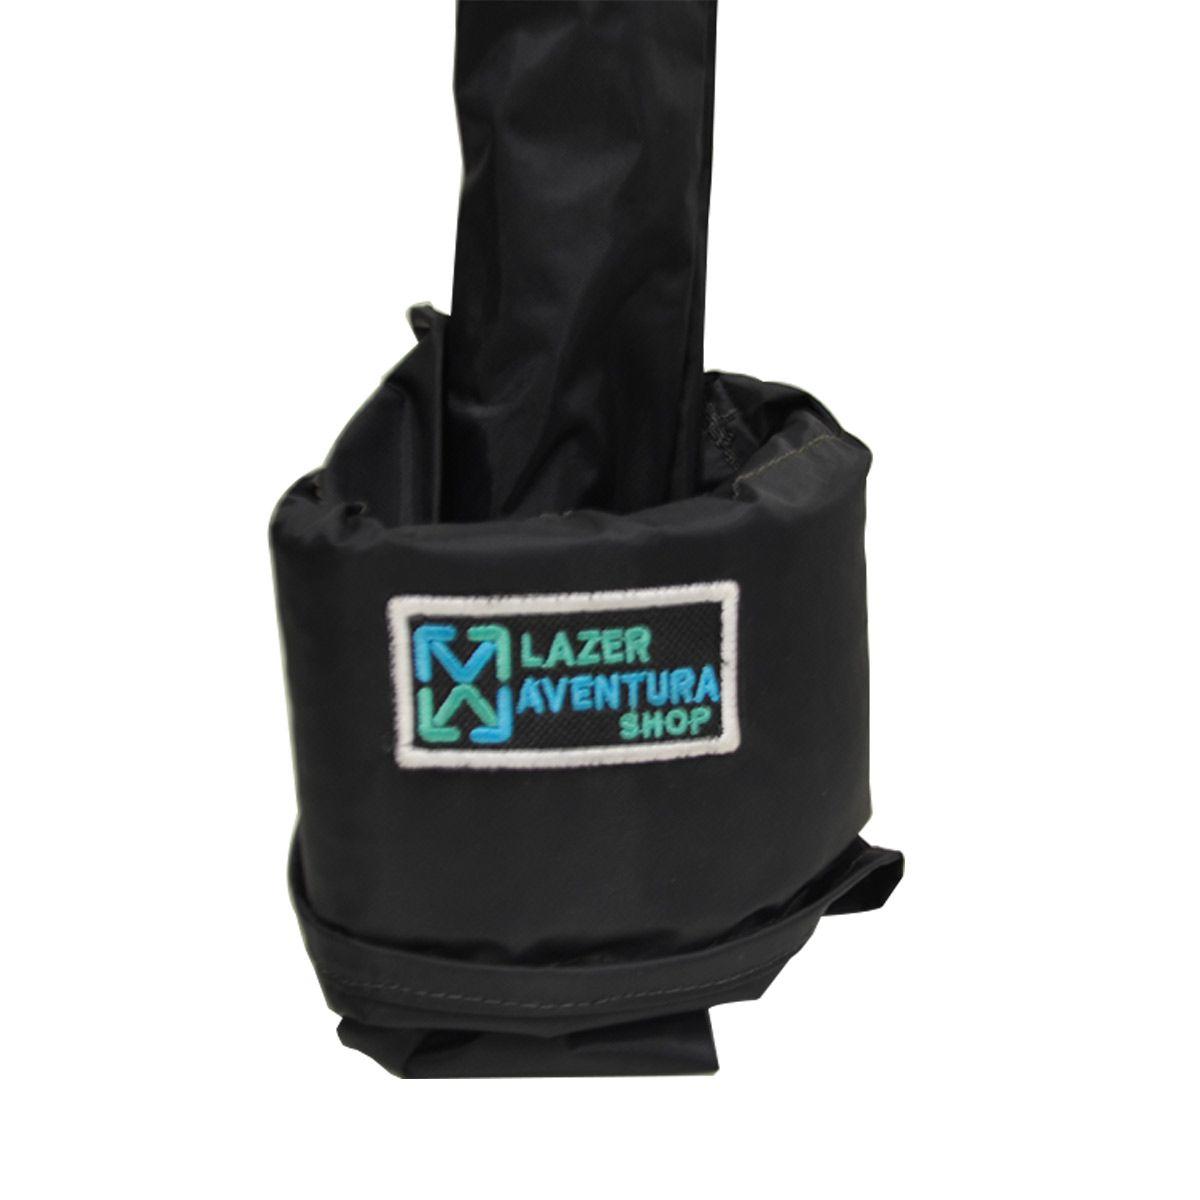 Capa p/ Vara individual Flutuante com proteção p/ carretilha Lazer e Aventura